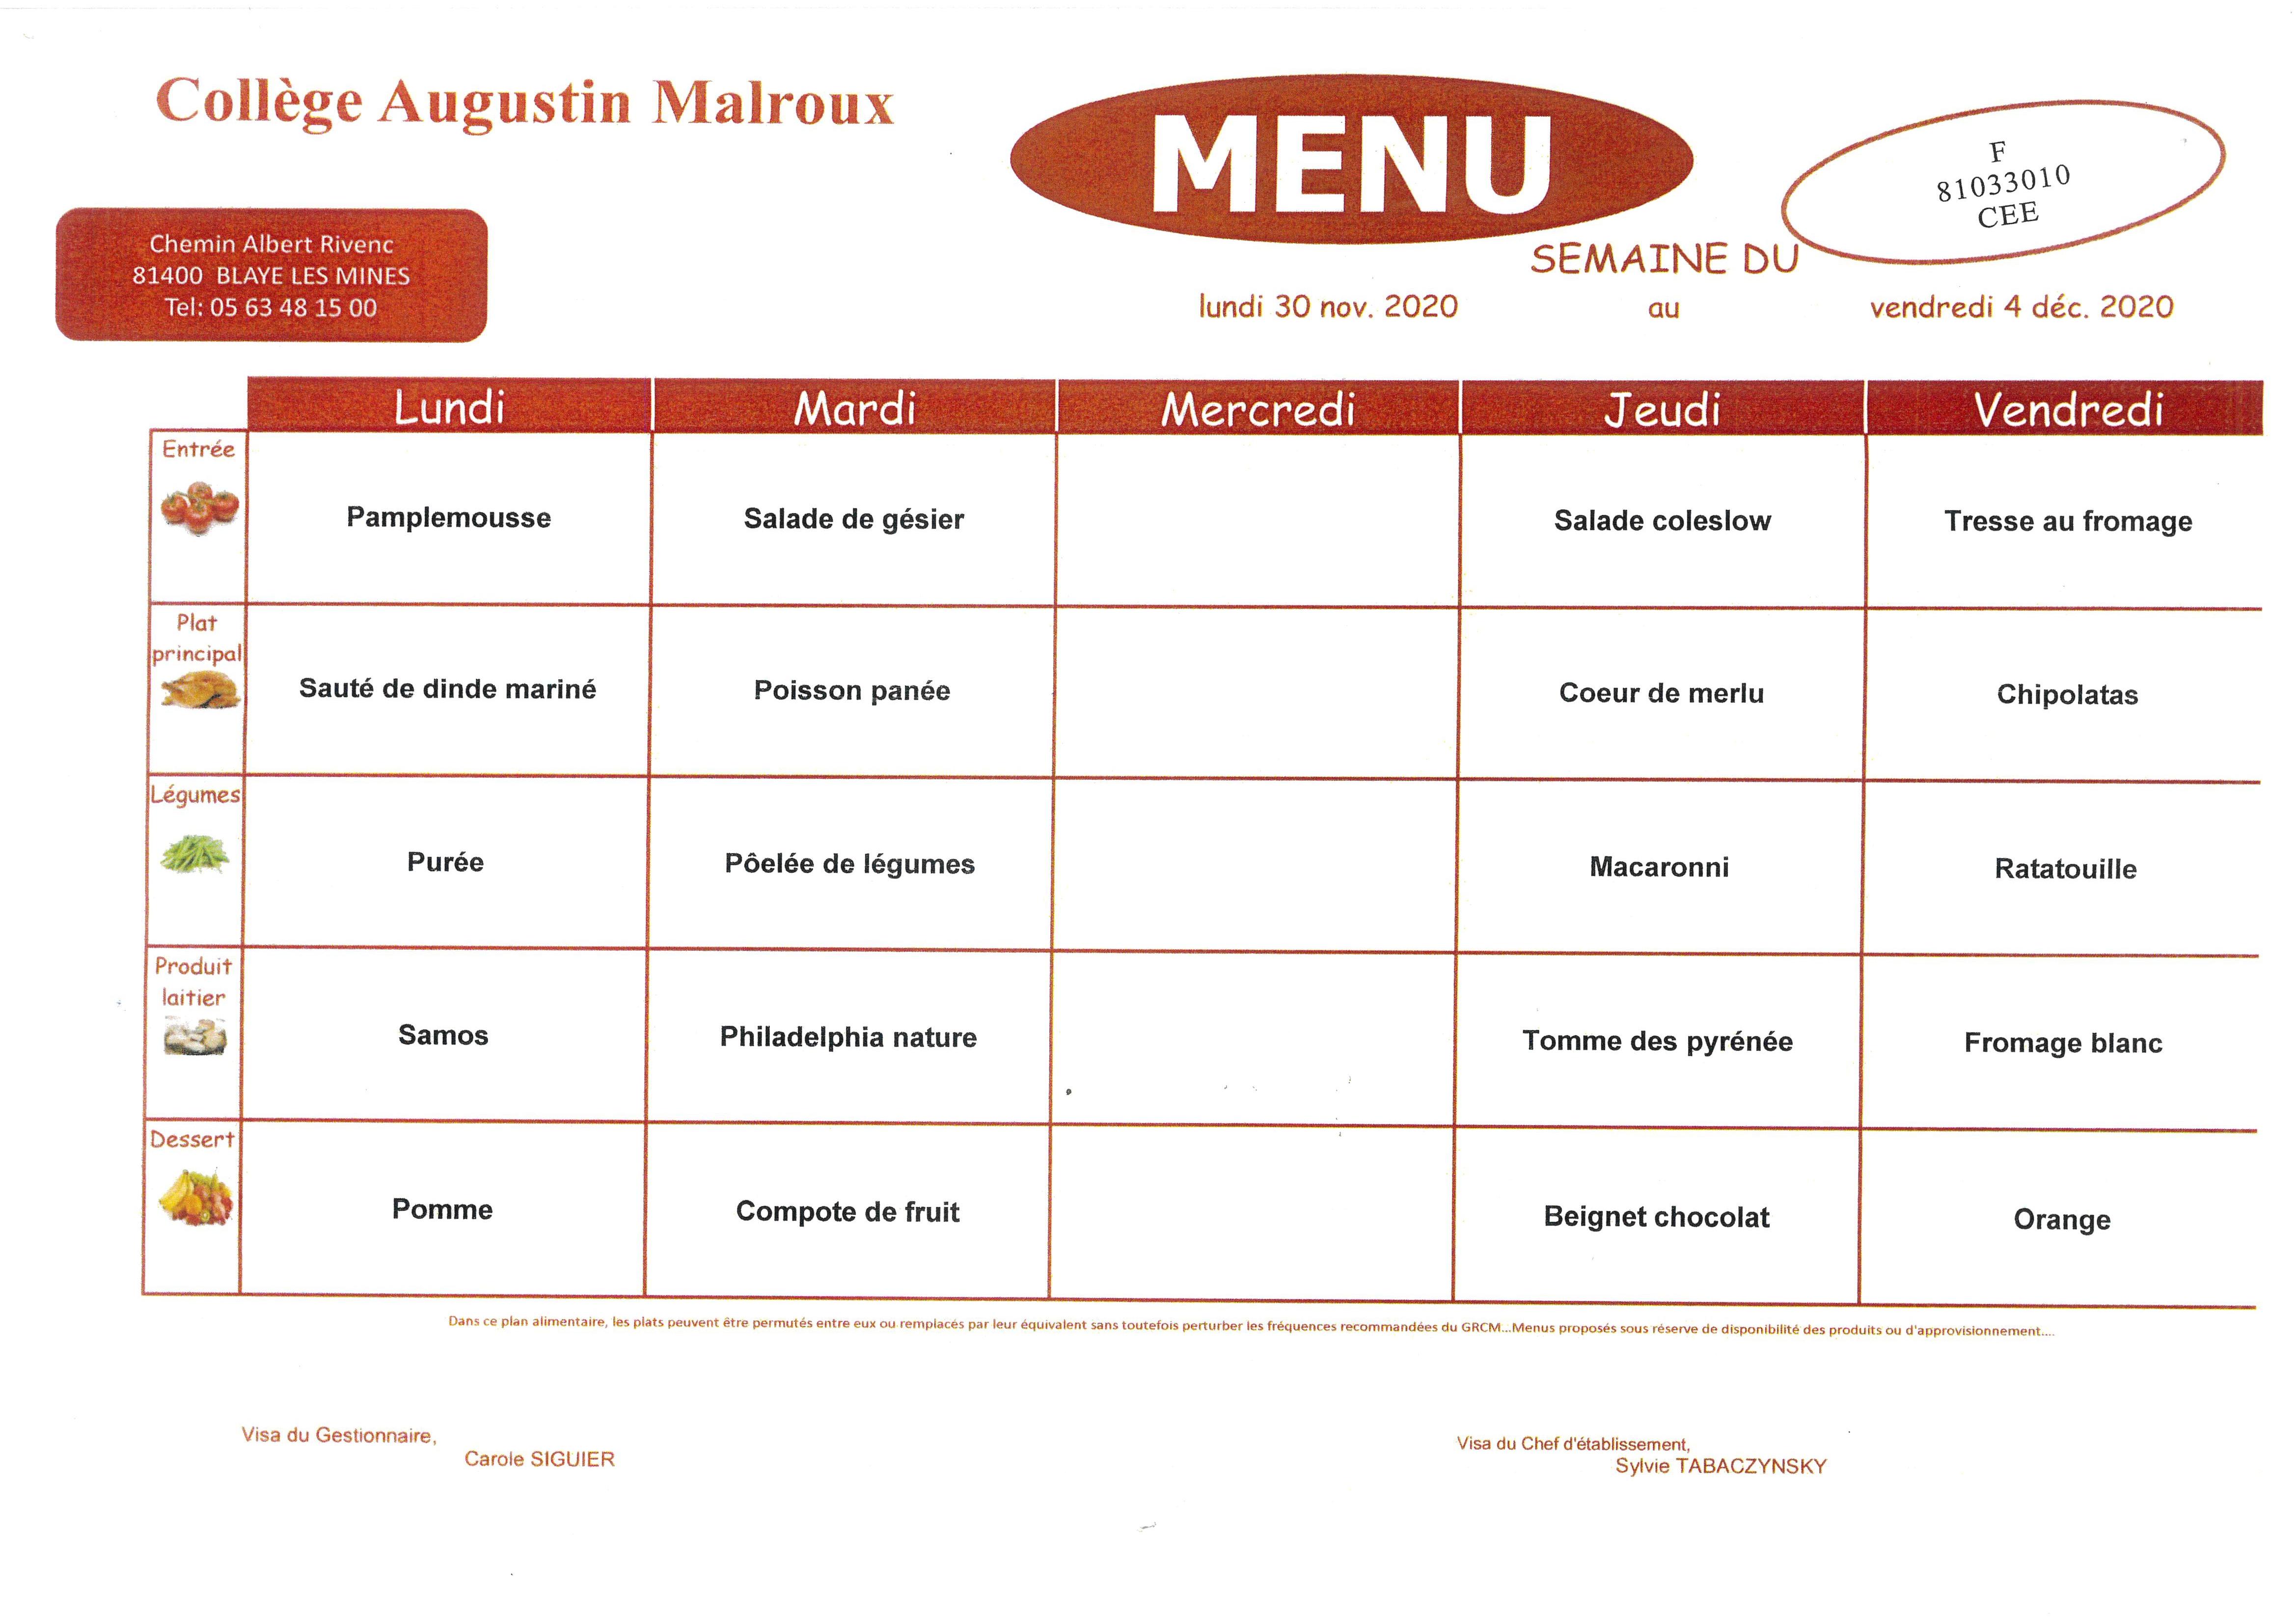 menu 2020 49 1.jpg